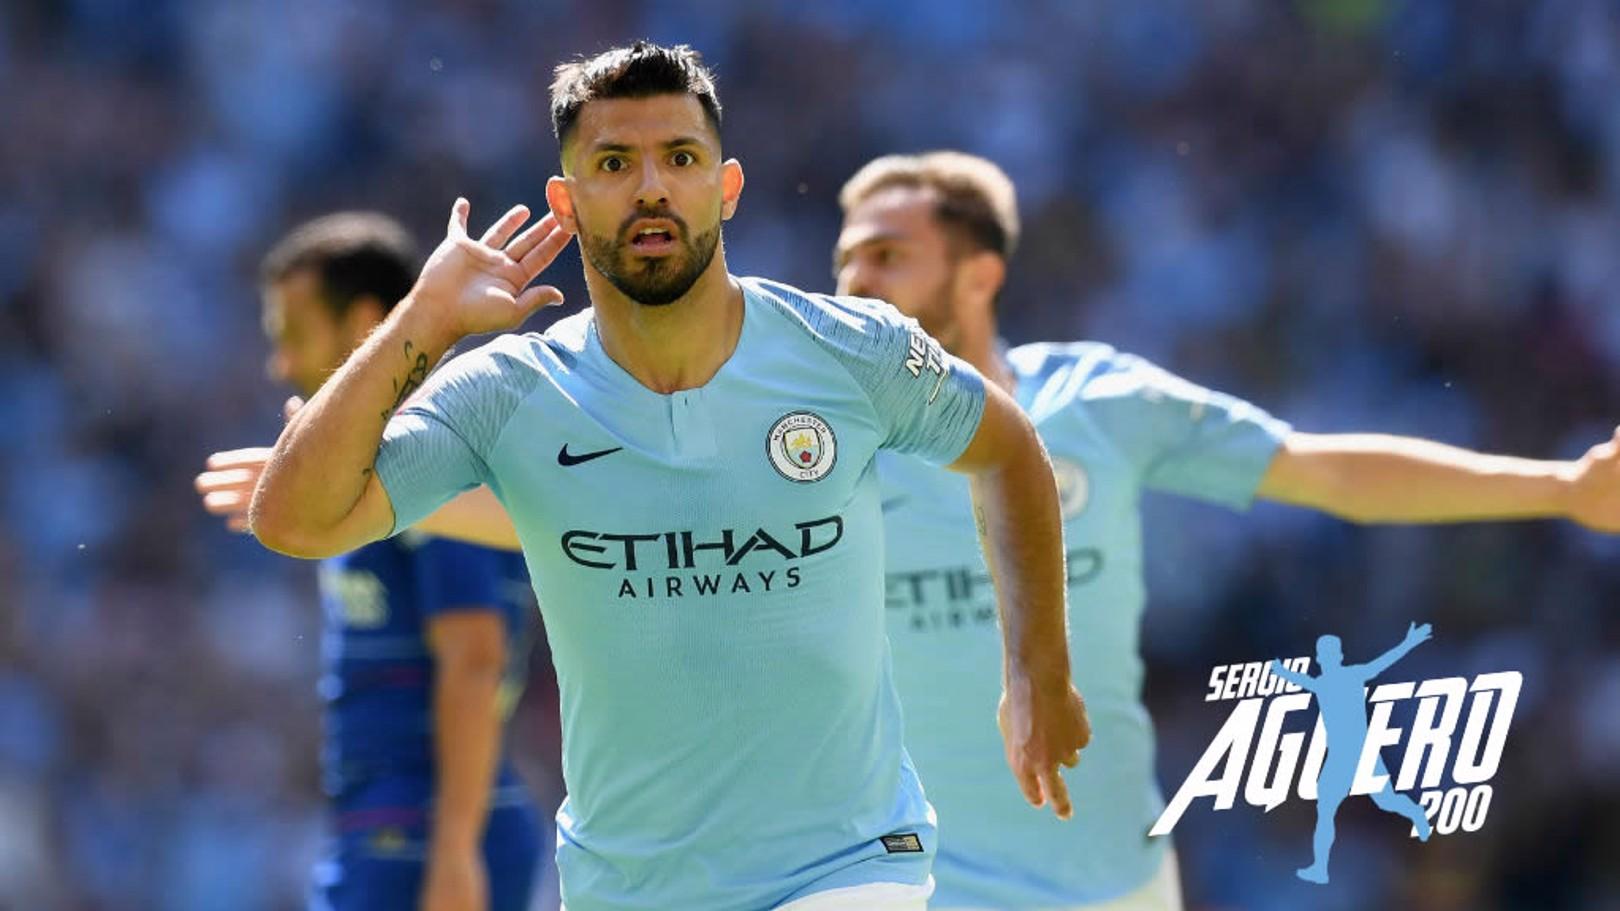 LEYENDA. 200 goles de Sergio con el City.